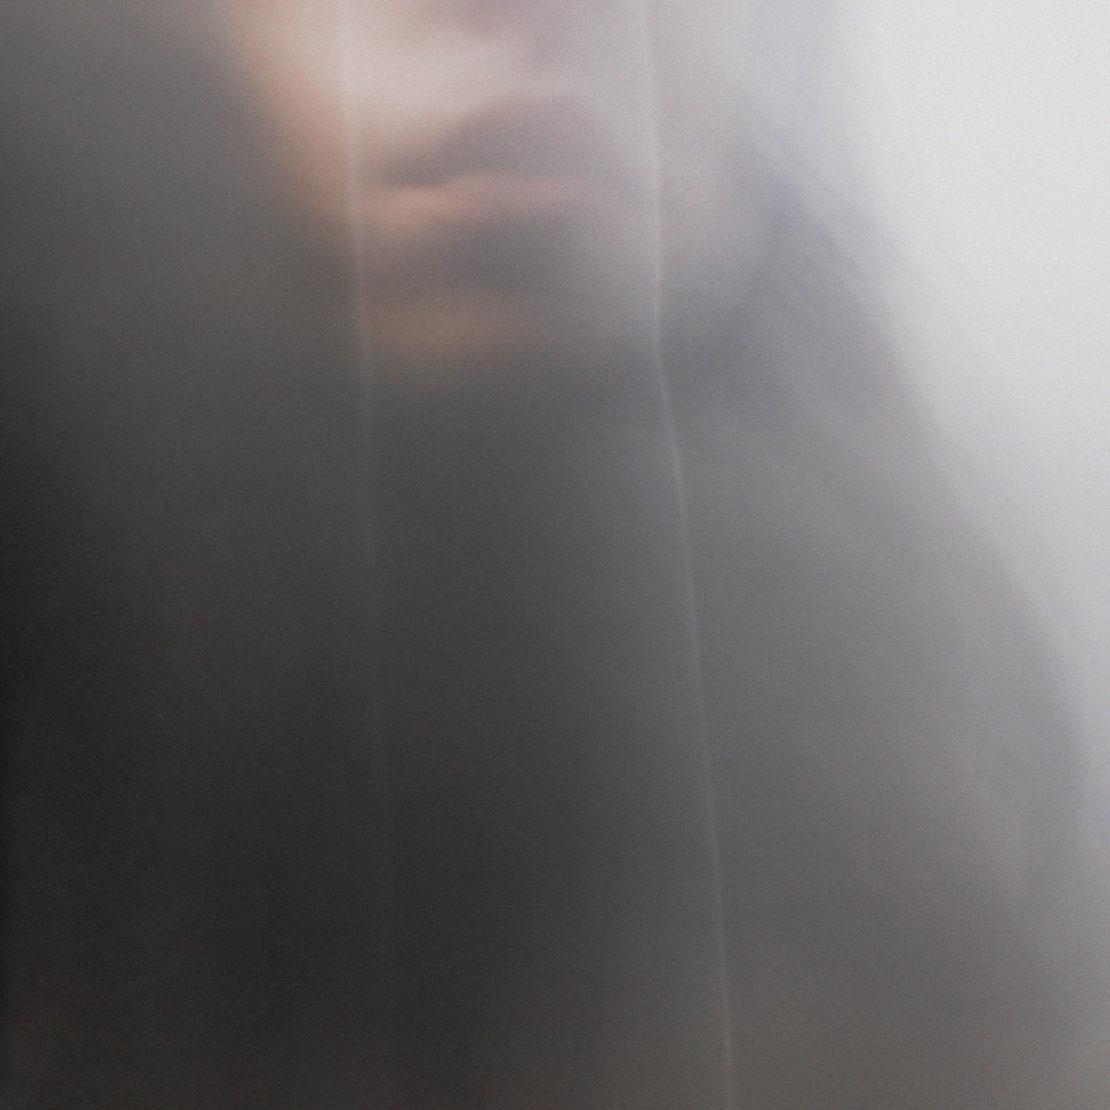 Clara Barquín de la Puente, De tiempo, piel y polvo